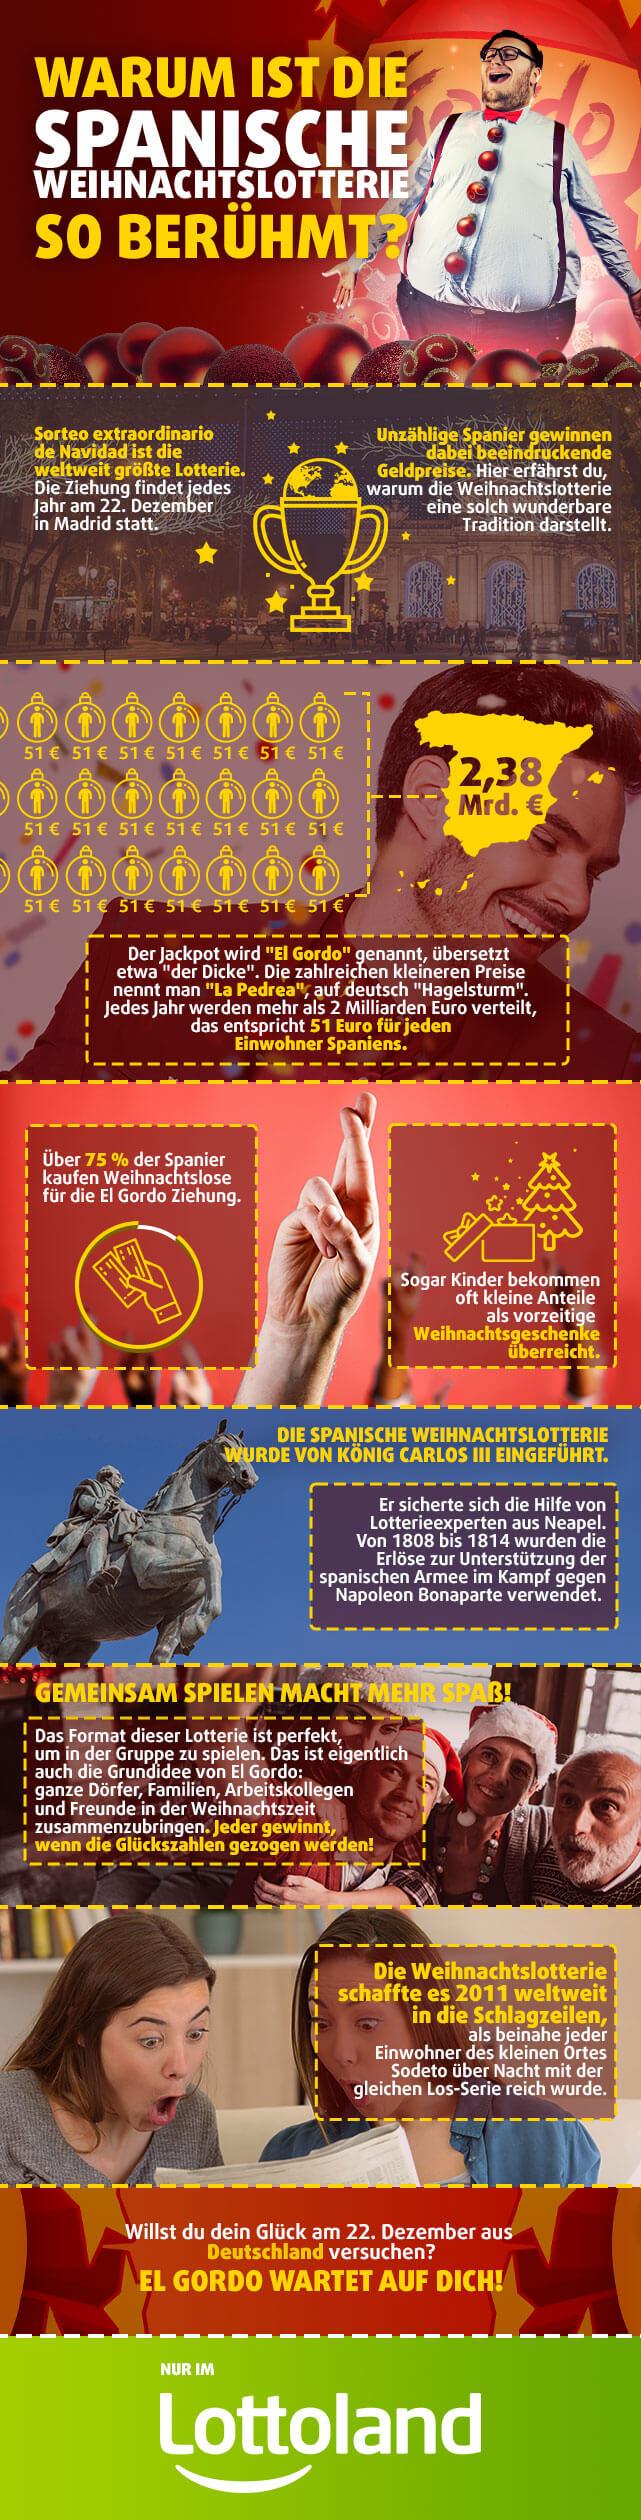 Infografik mit Zahlen und Fakten zur spanischen Weihnachtslotterie